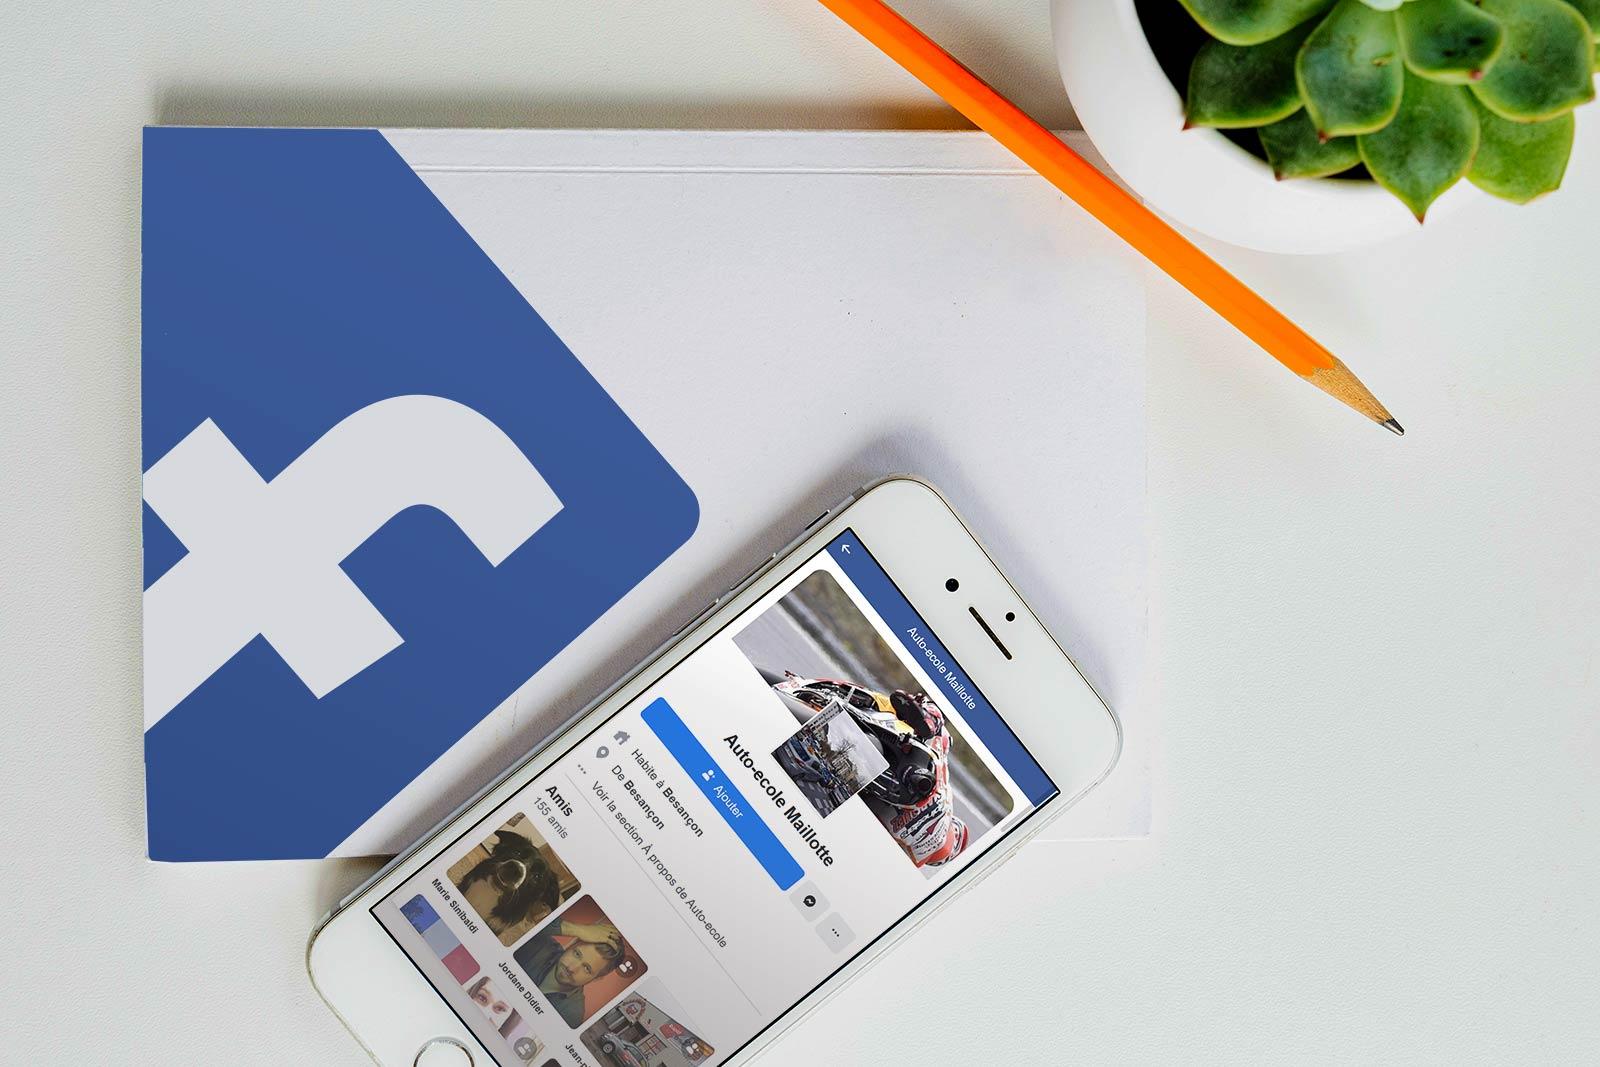 Rejoignez-nous sur le réseau social Facebook [aem_blogfacebook]